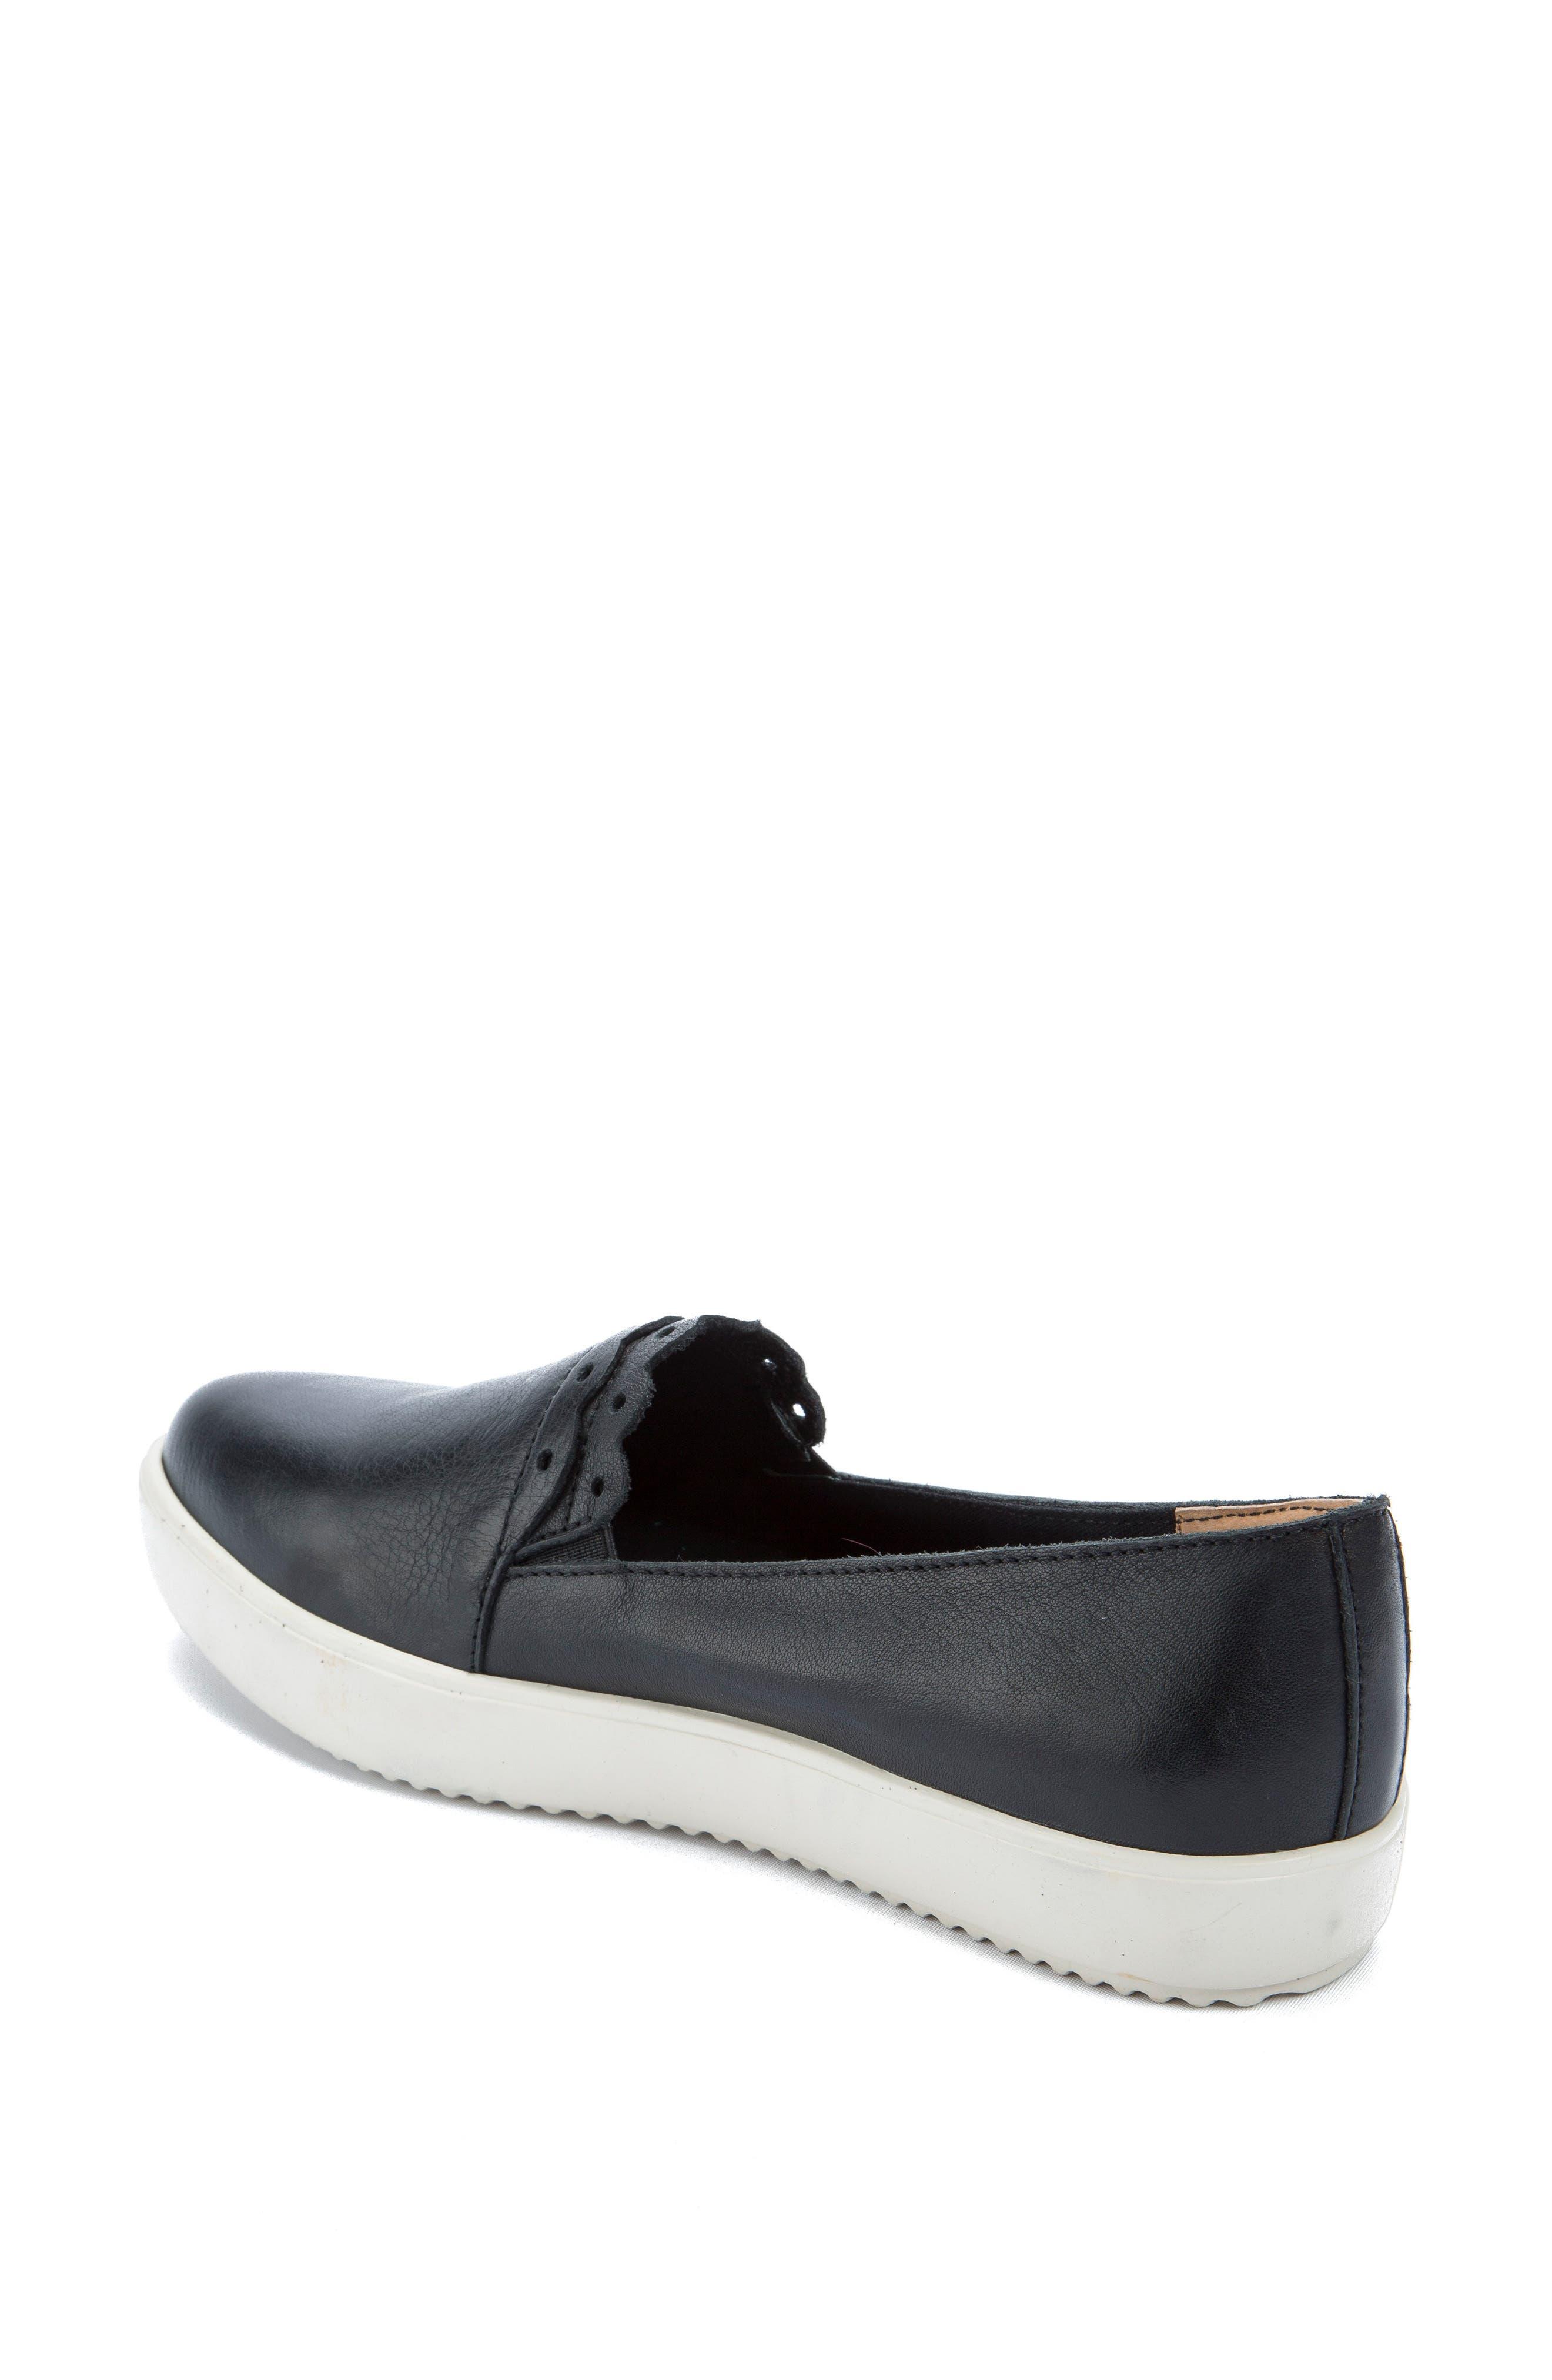 Roe Slip-On Sneaker,                             Alternate thumbnail 2, color,                             001